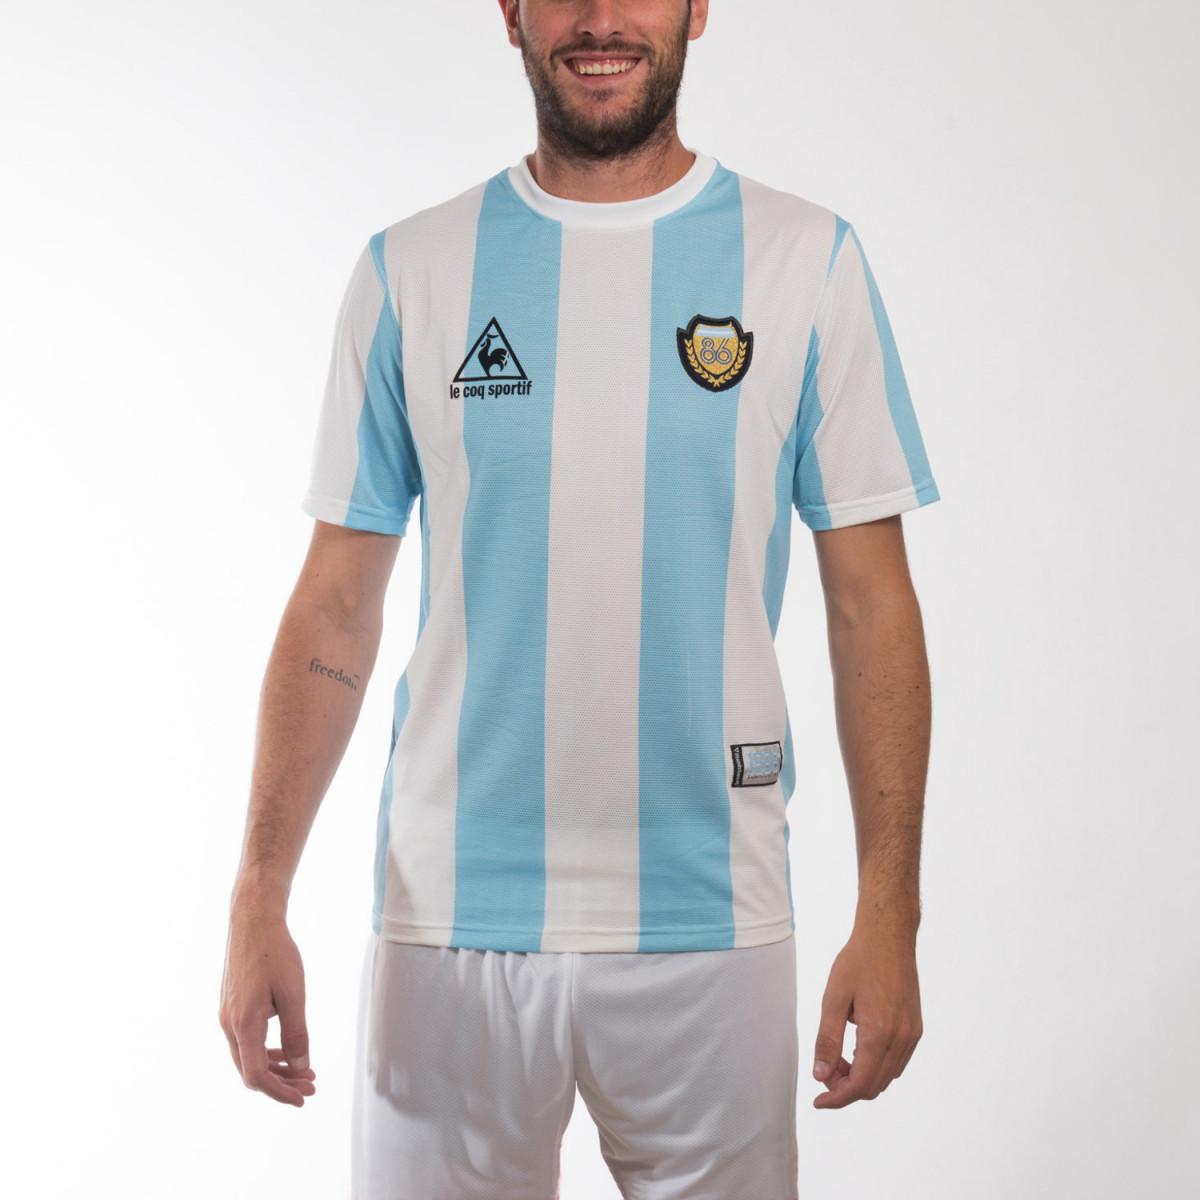 f183323b8 Comprar camiseta argentina le coq sportif   OFF39% Descuentos